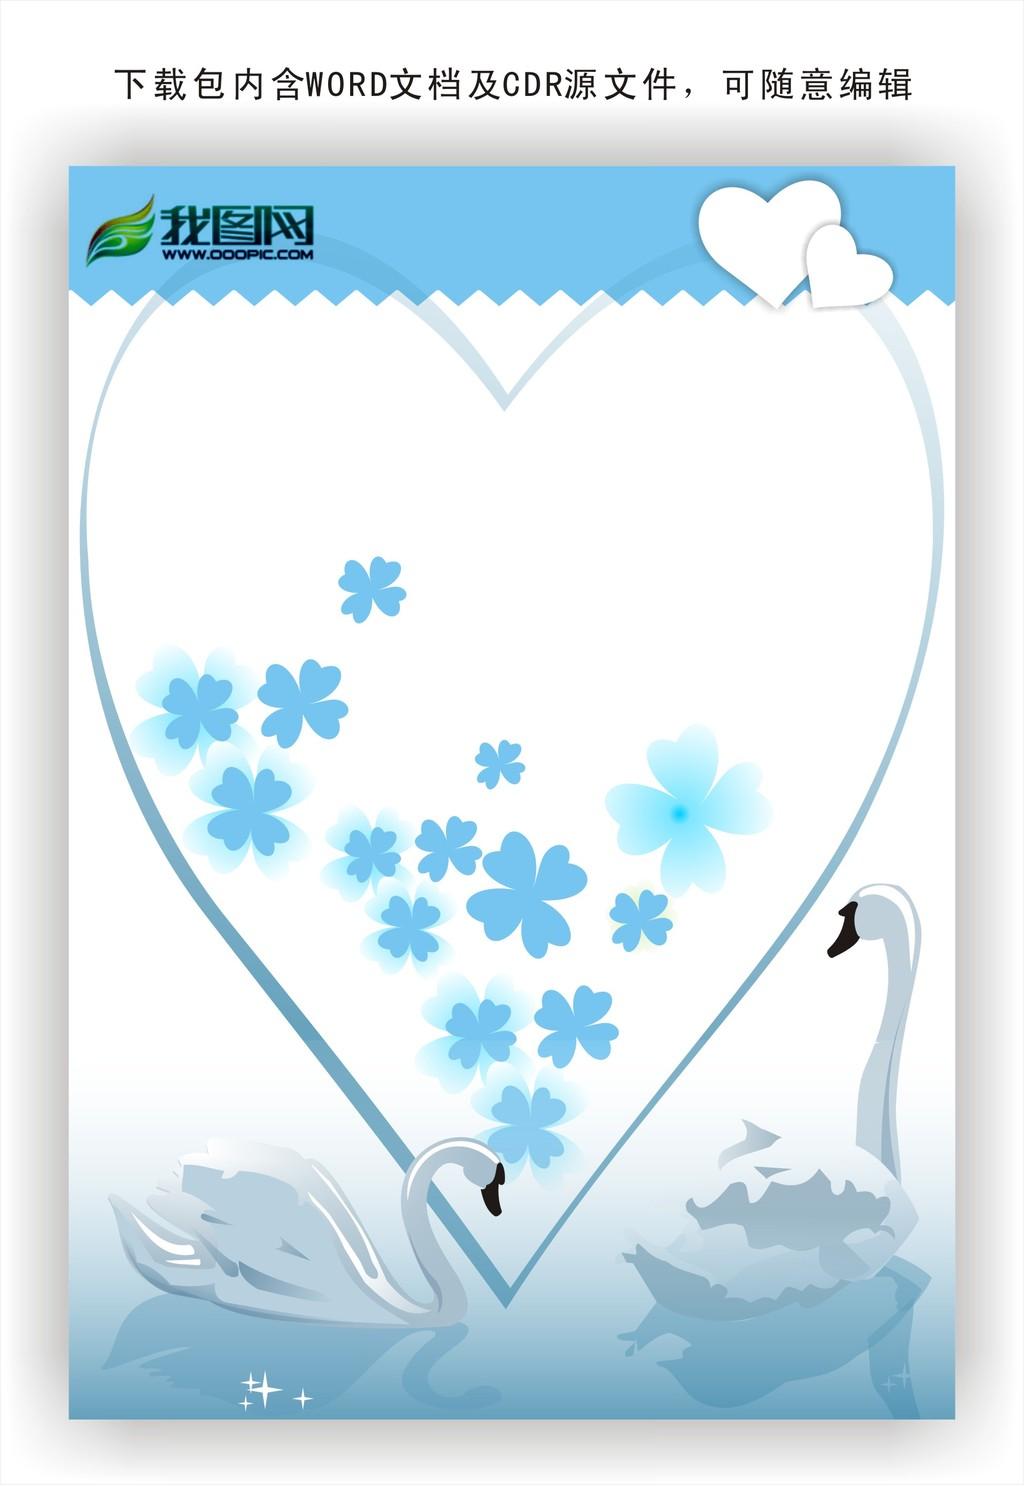 唯美爱情信纸背景模板